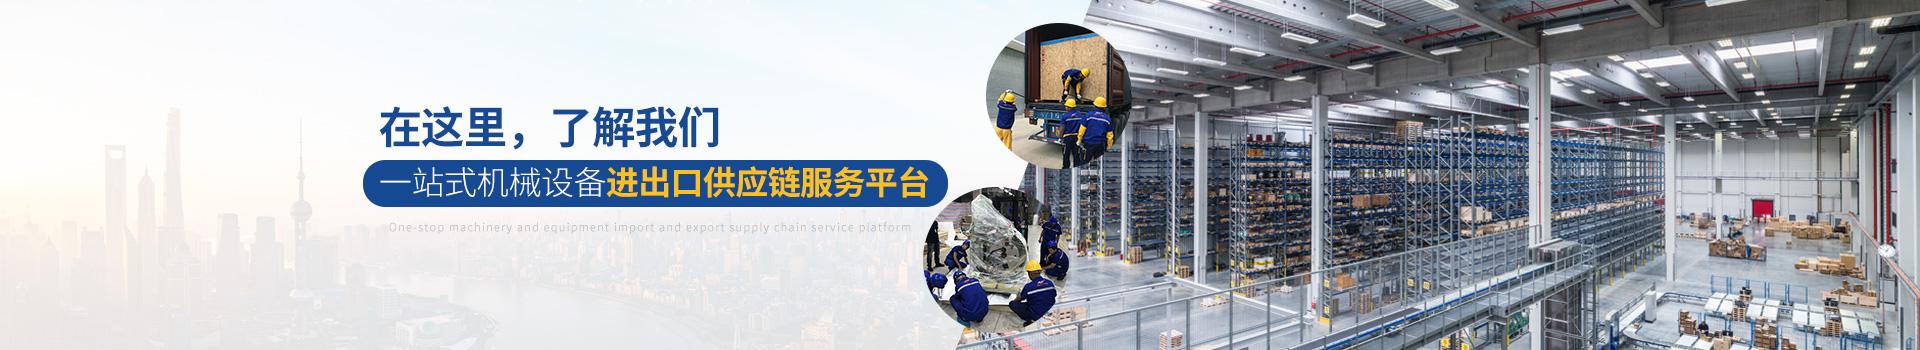 亚东供应链-一站式机械设备进出口供应链服务平台